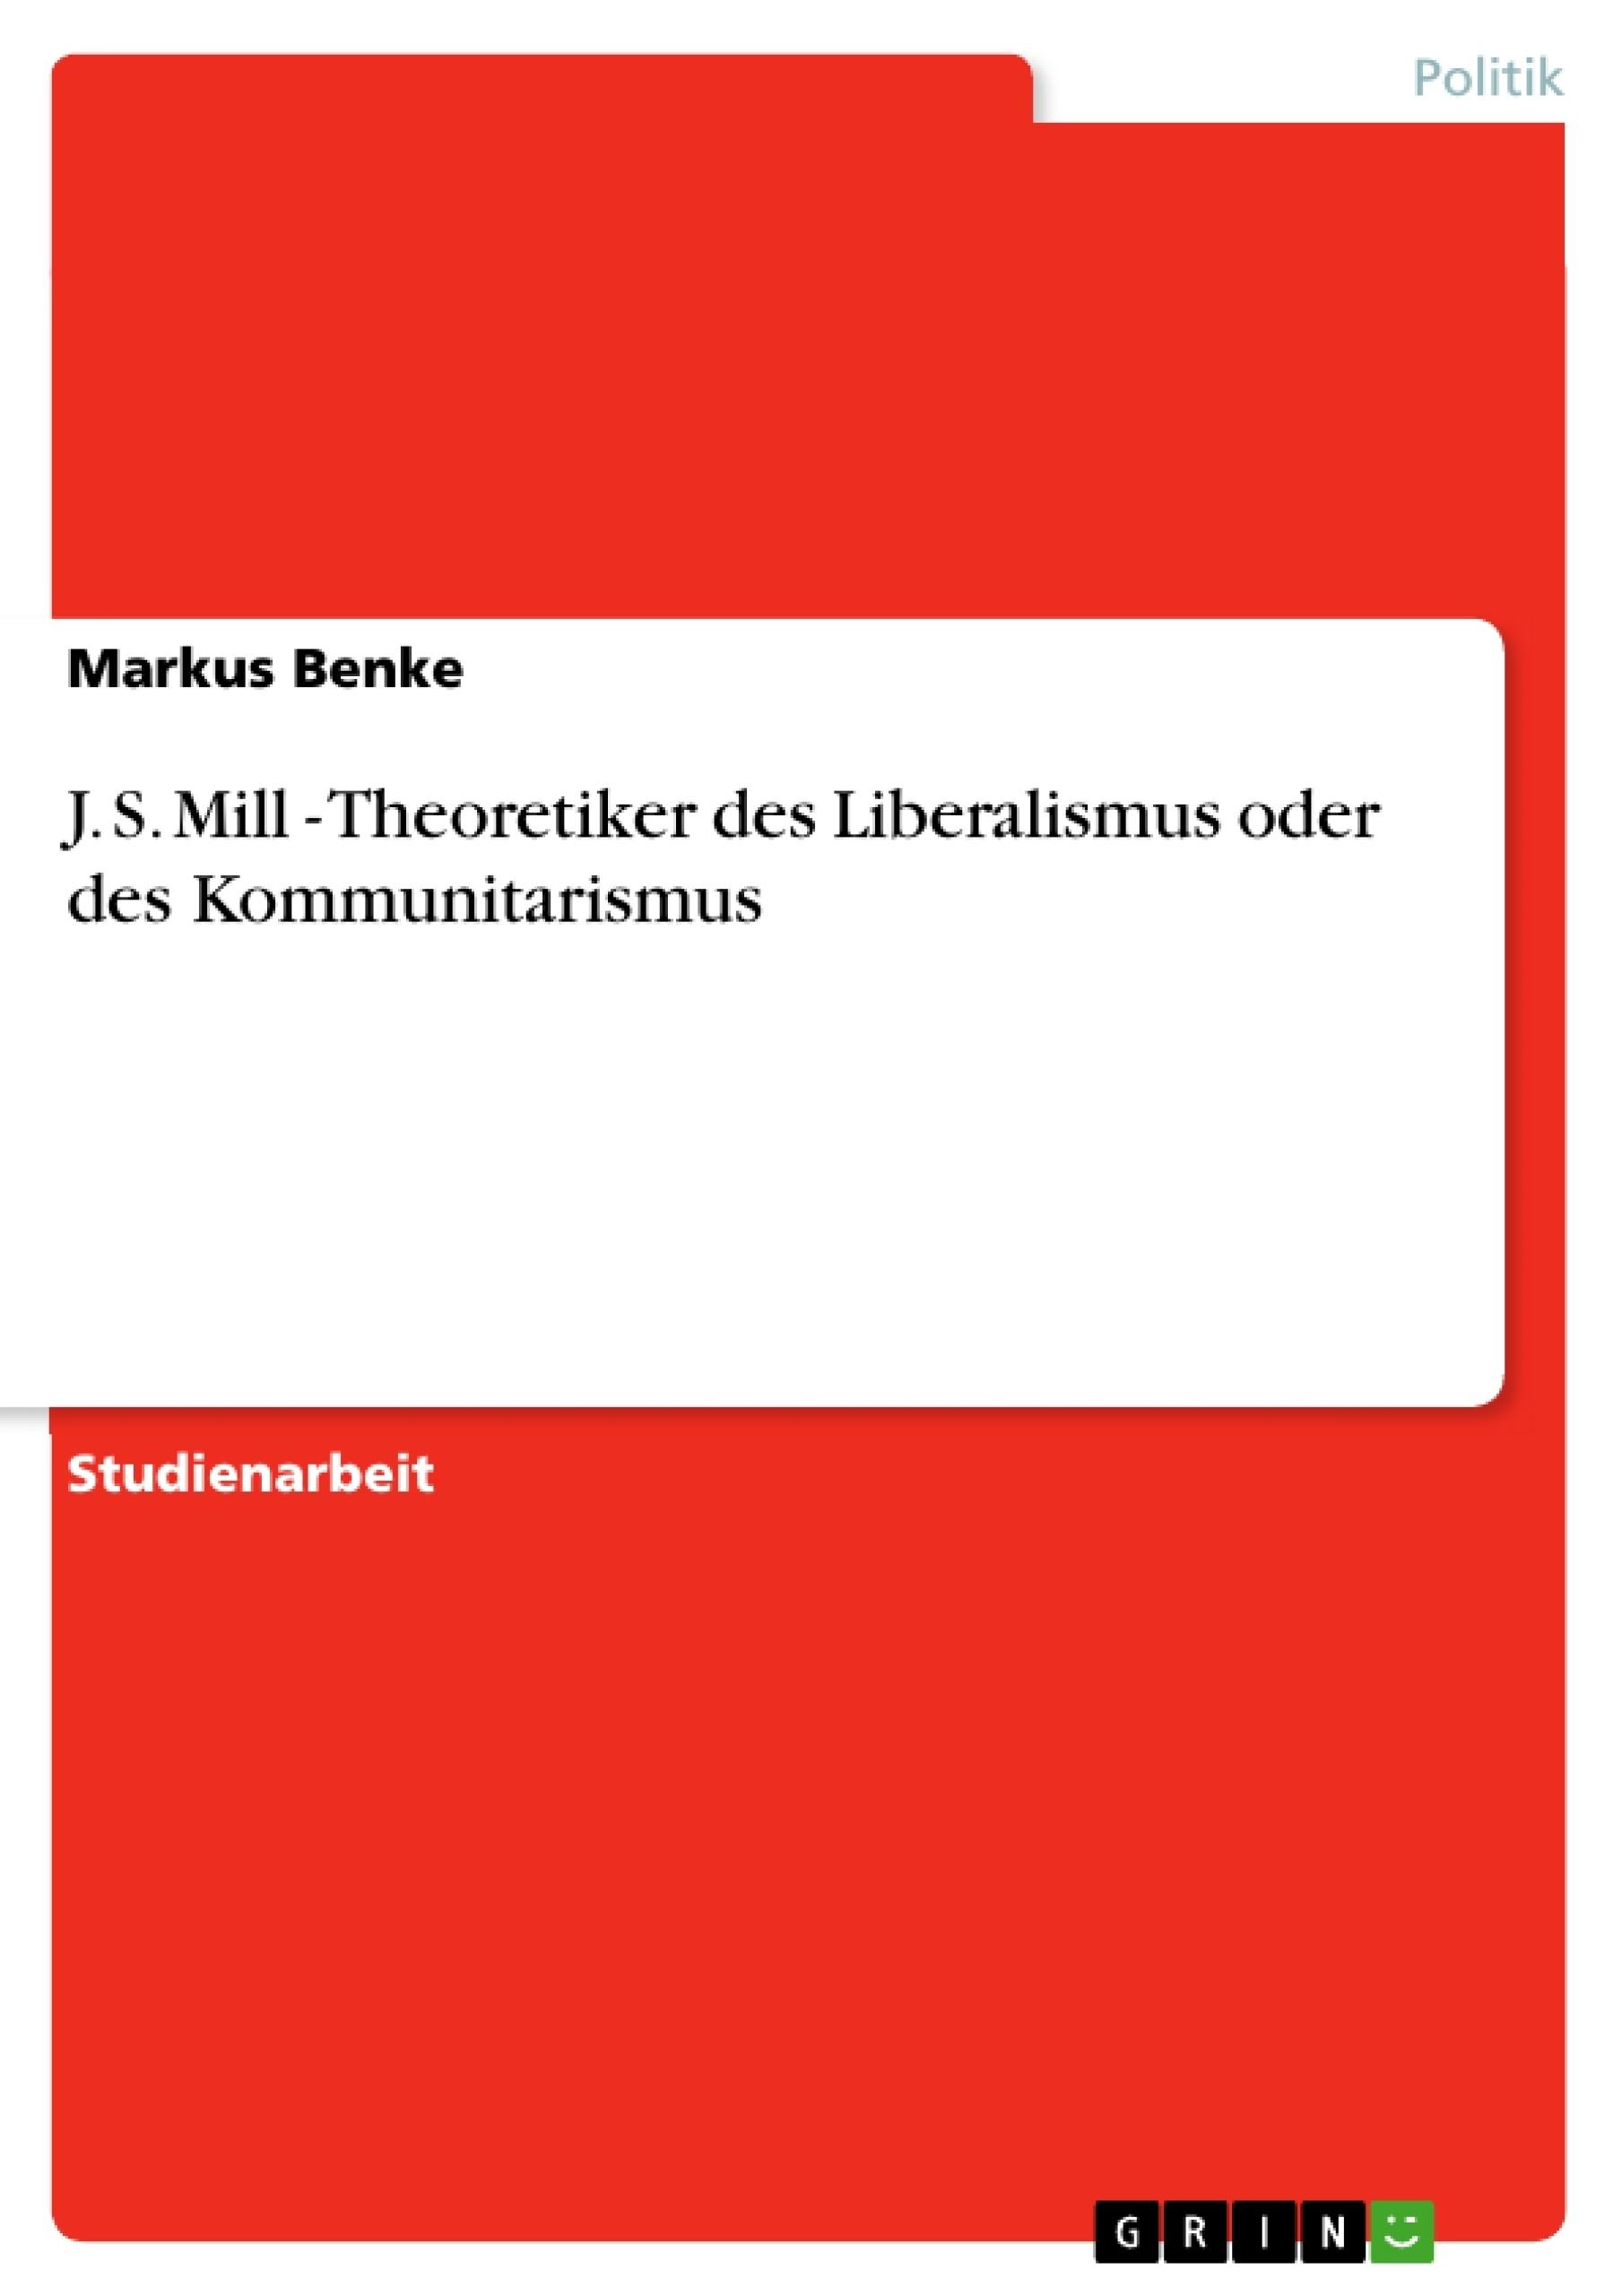 Titel: J. S. Mill - Theoretiker des Liberalismus oder des Kommunitarismus